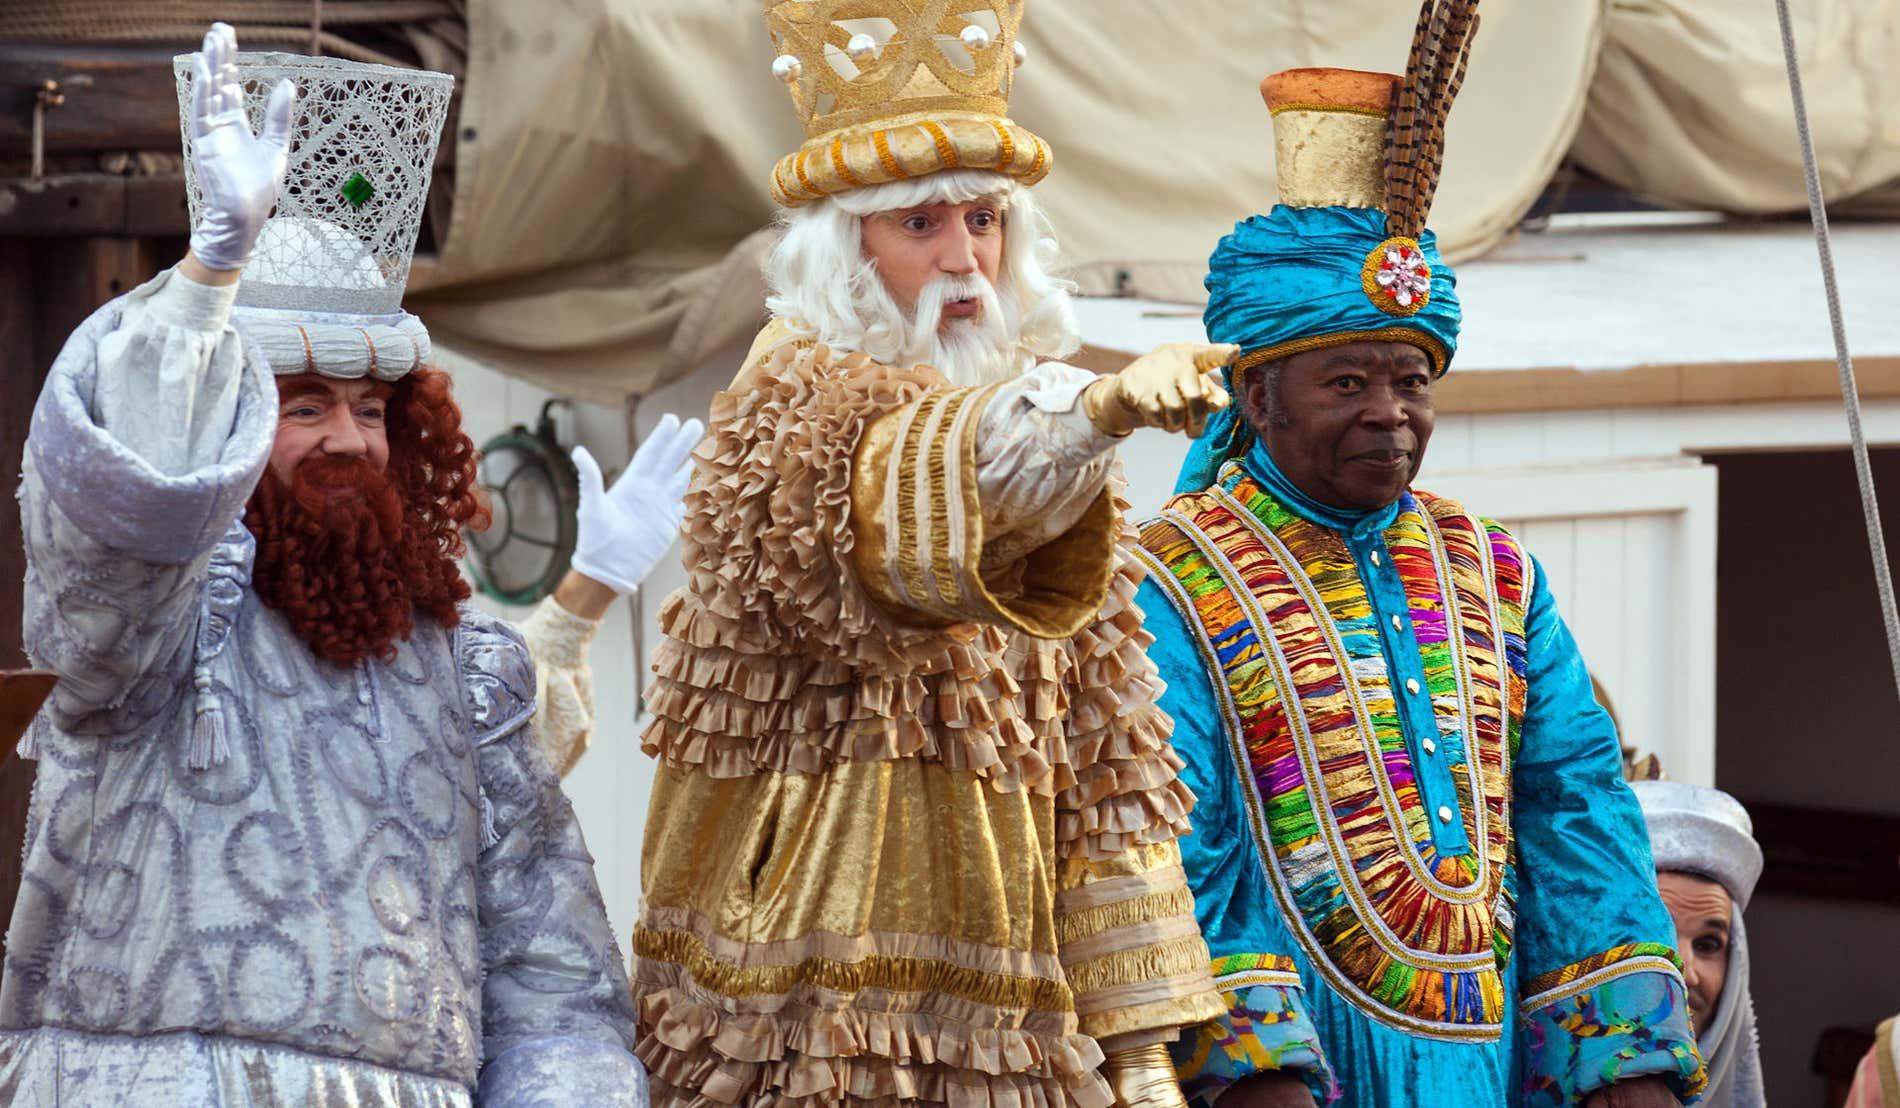 Le sfilate dei Re Magi in Spagna